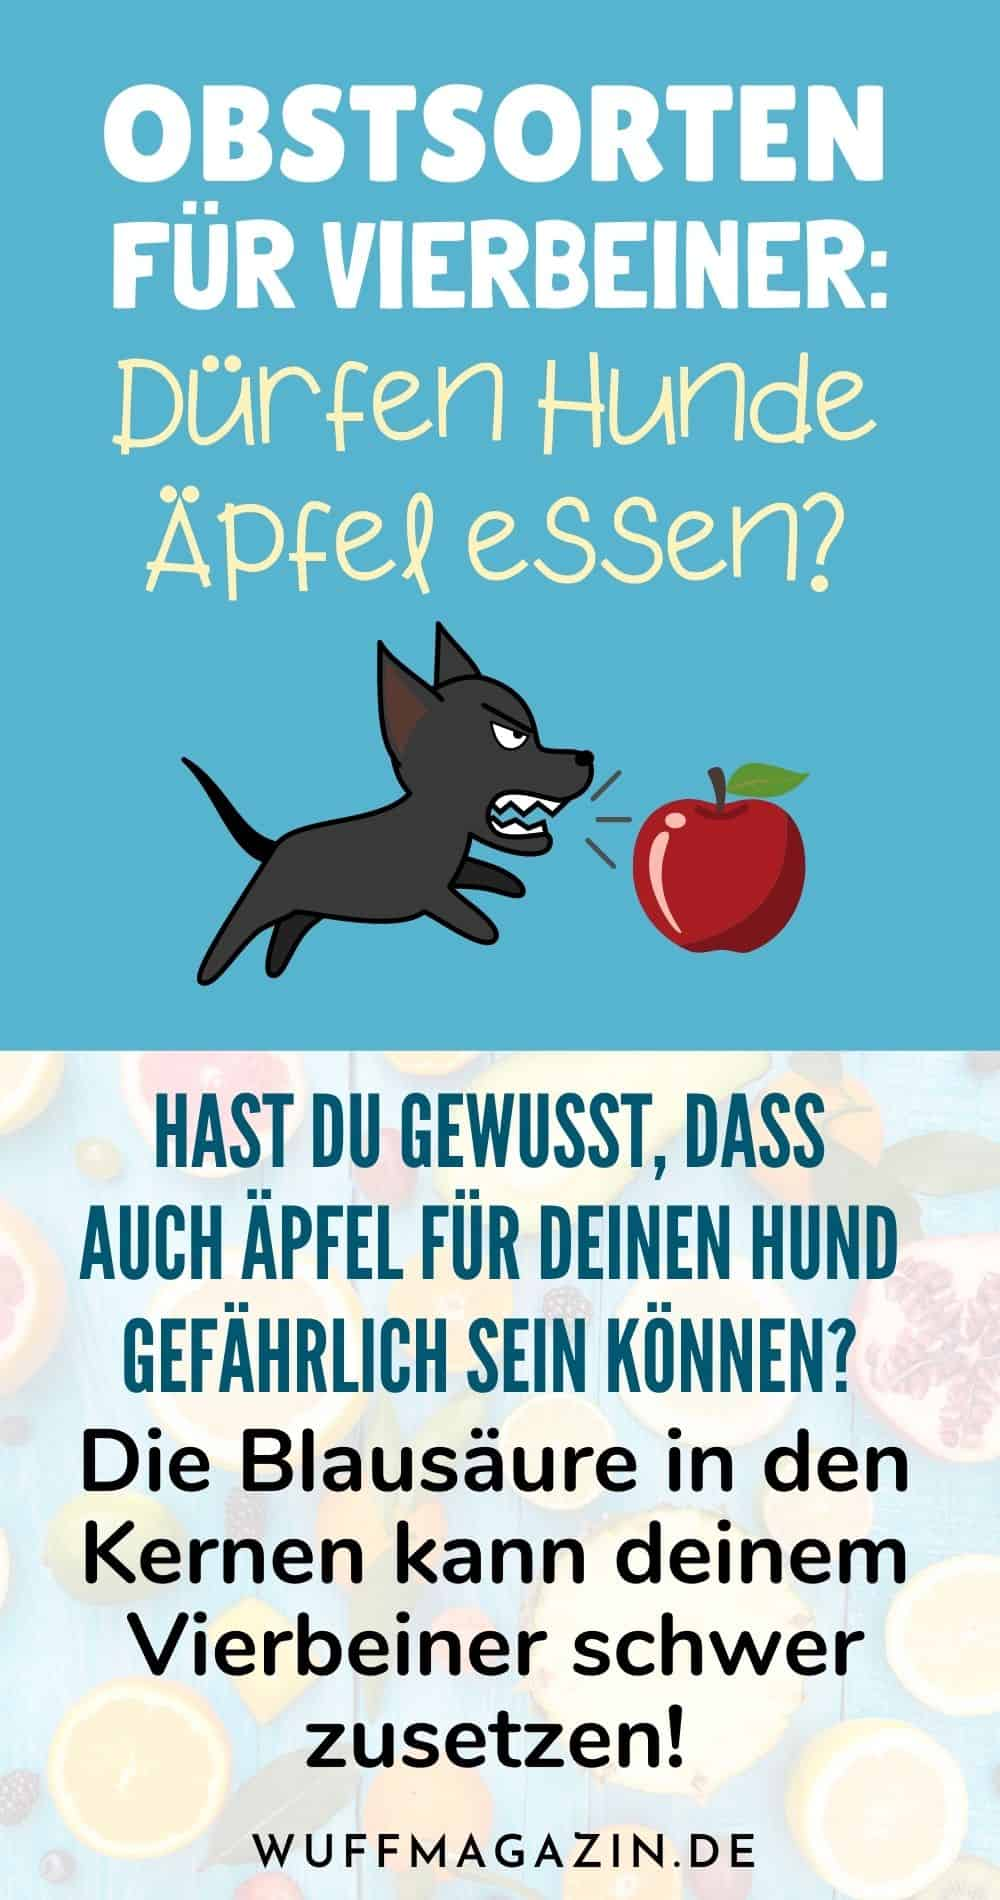 Obstsorten für Vierbeiner Dürfen Hunde Äpfel essen